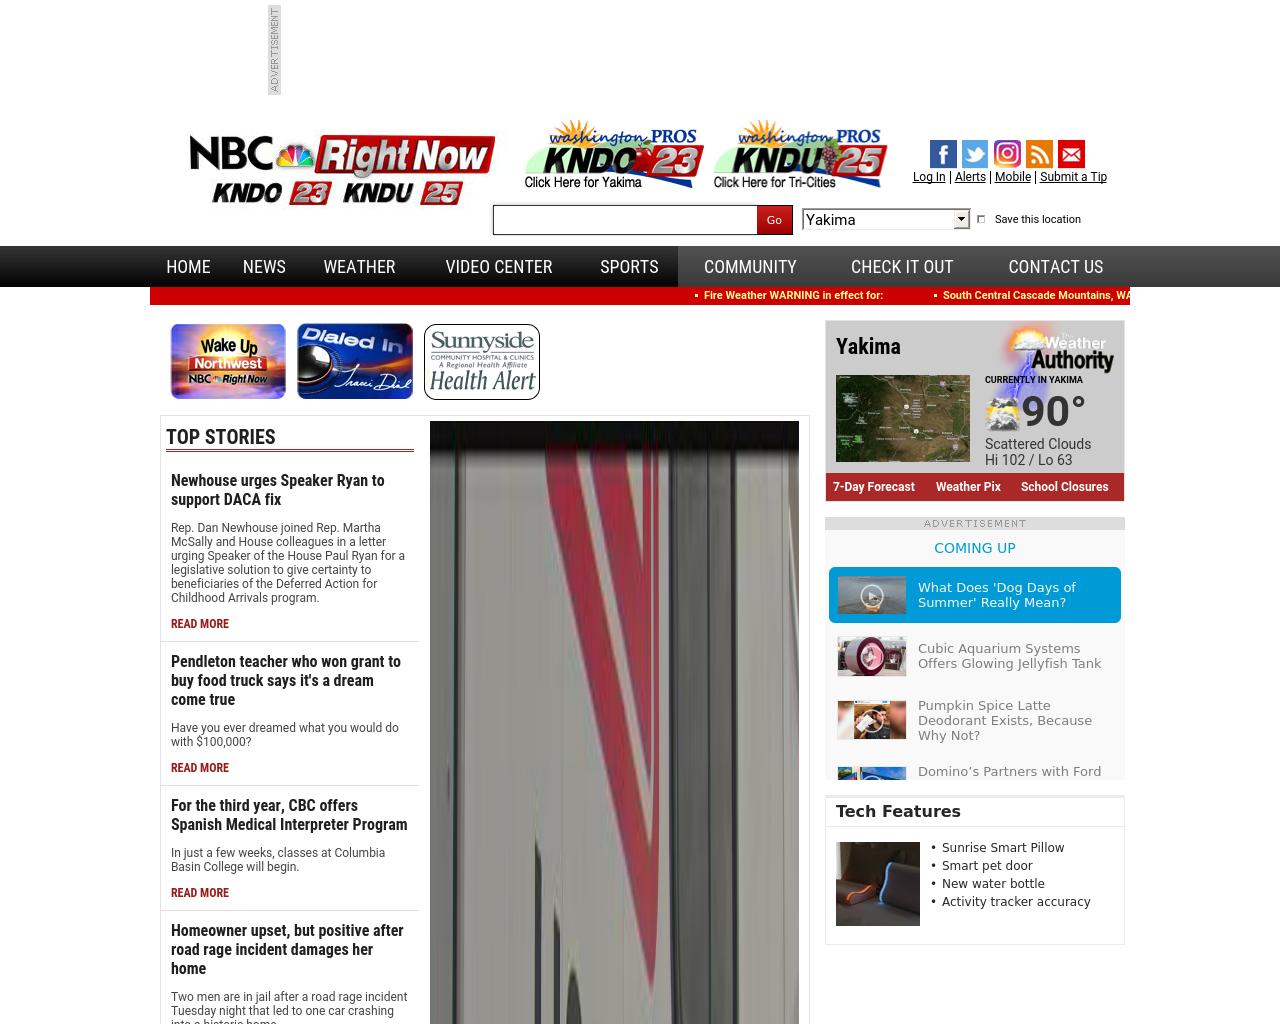 Nbcrightnow-Advertising-Reviews-Pricing